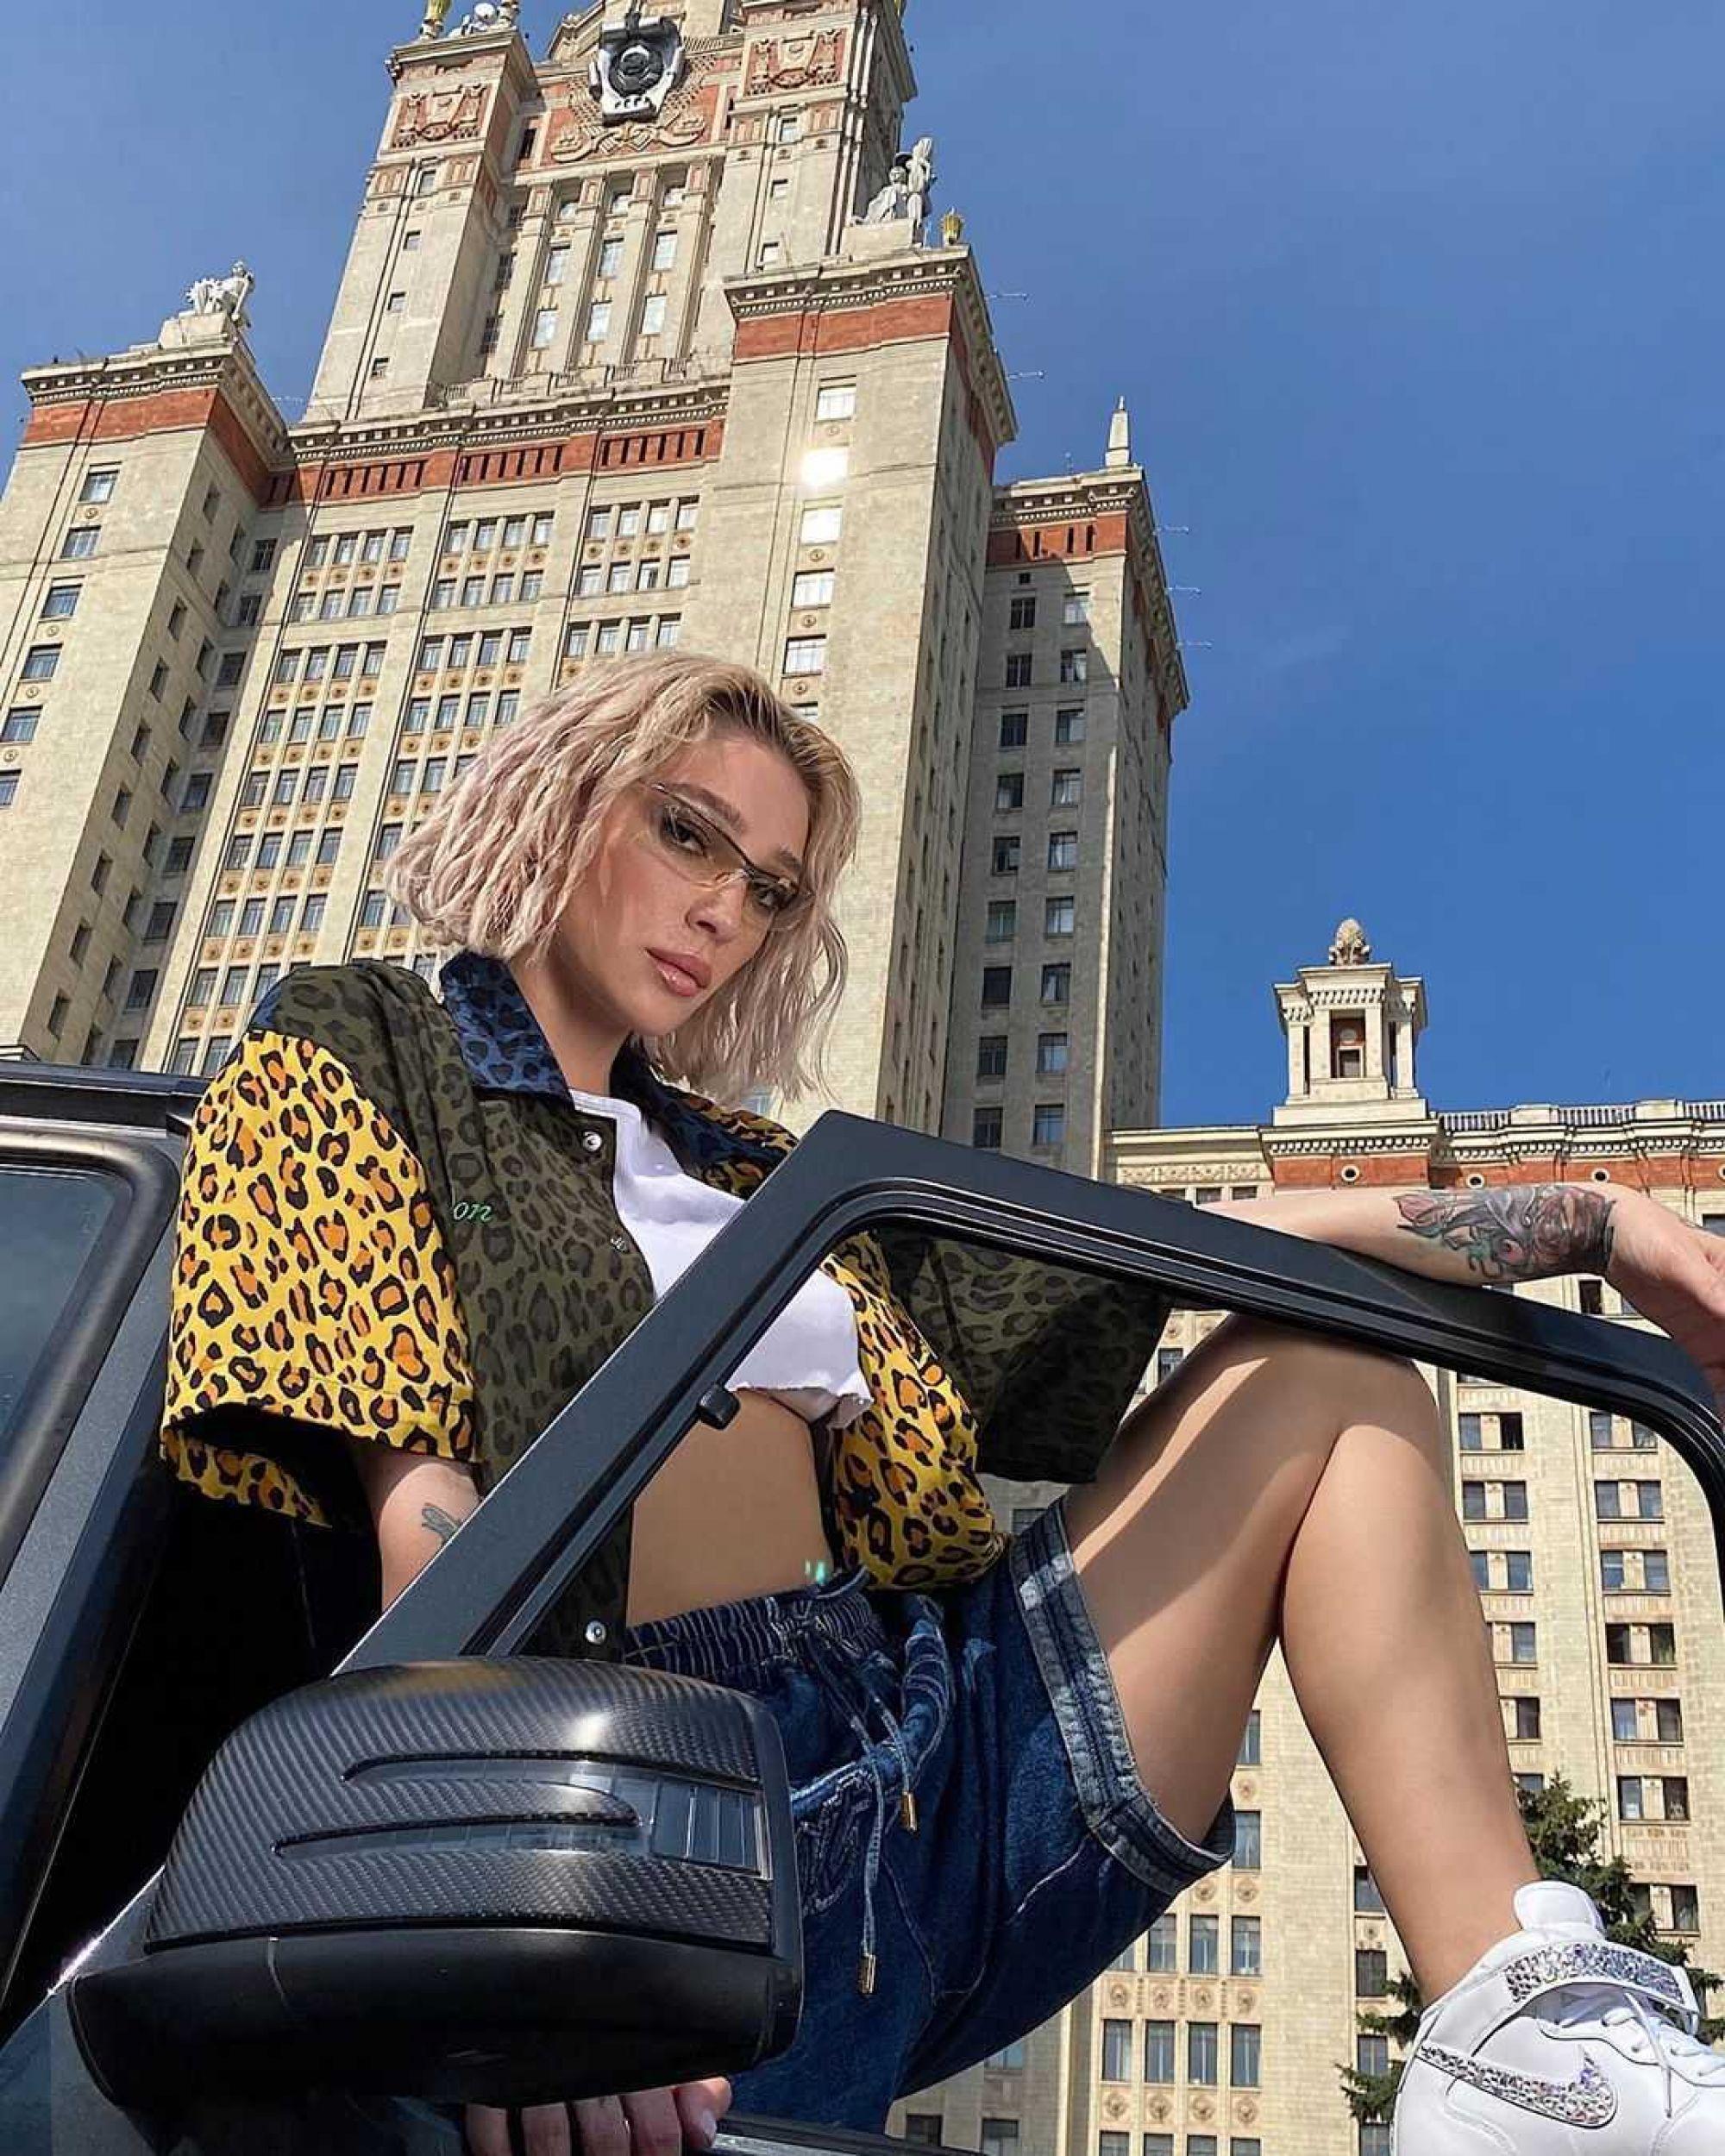 Настя Ивлеева рассказала, какой метод помог ей похудеть на 10 килограммов